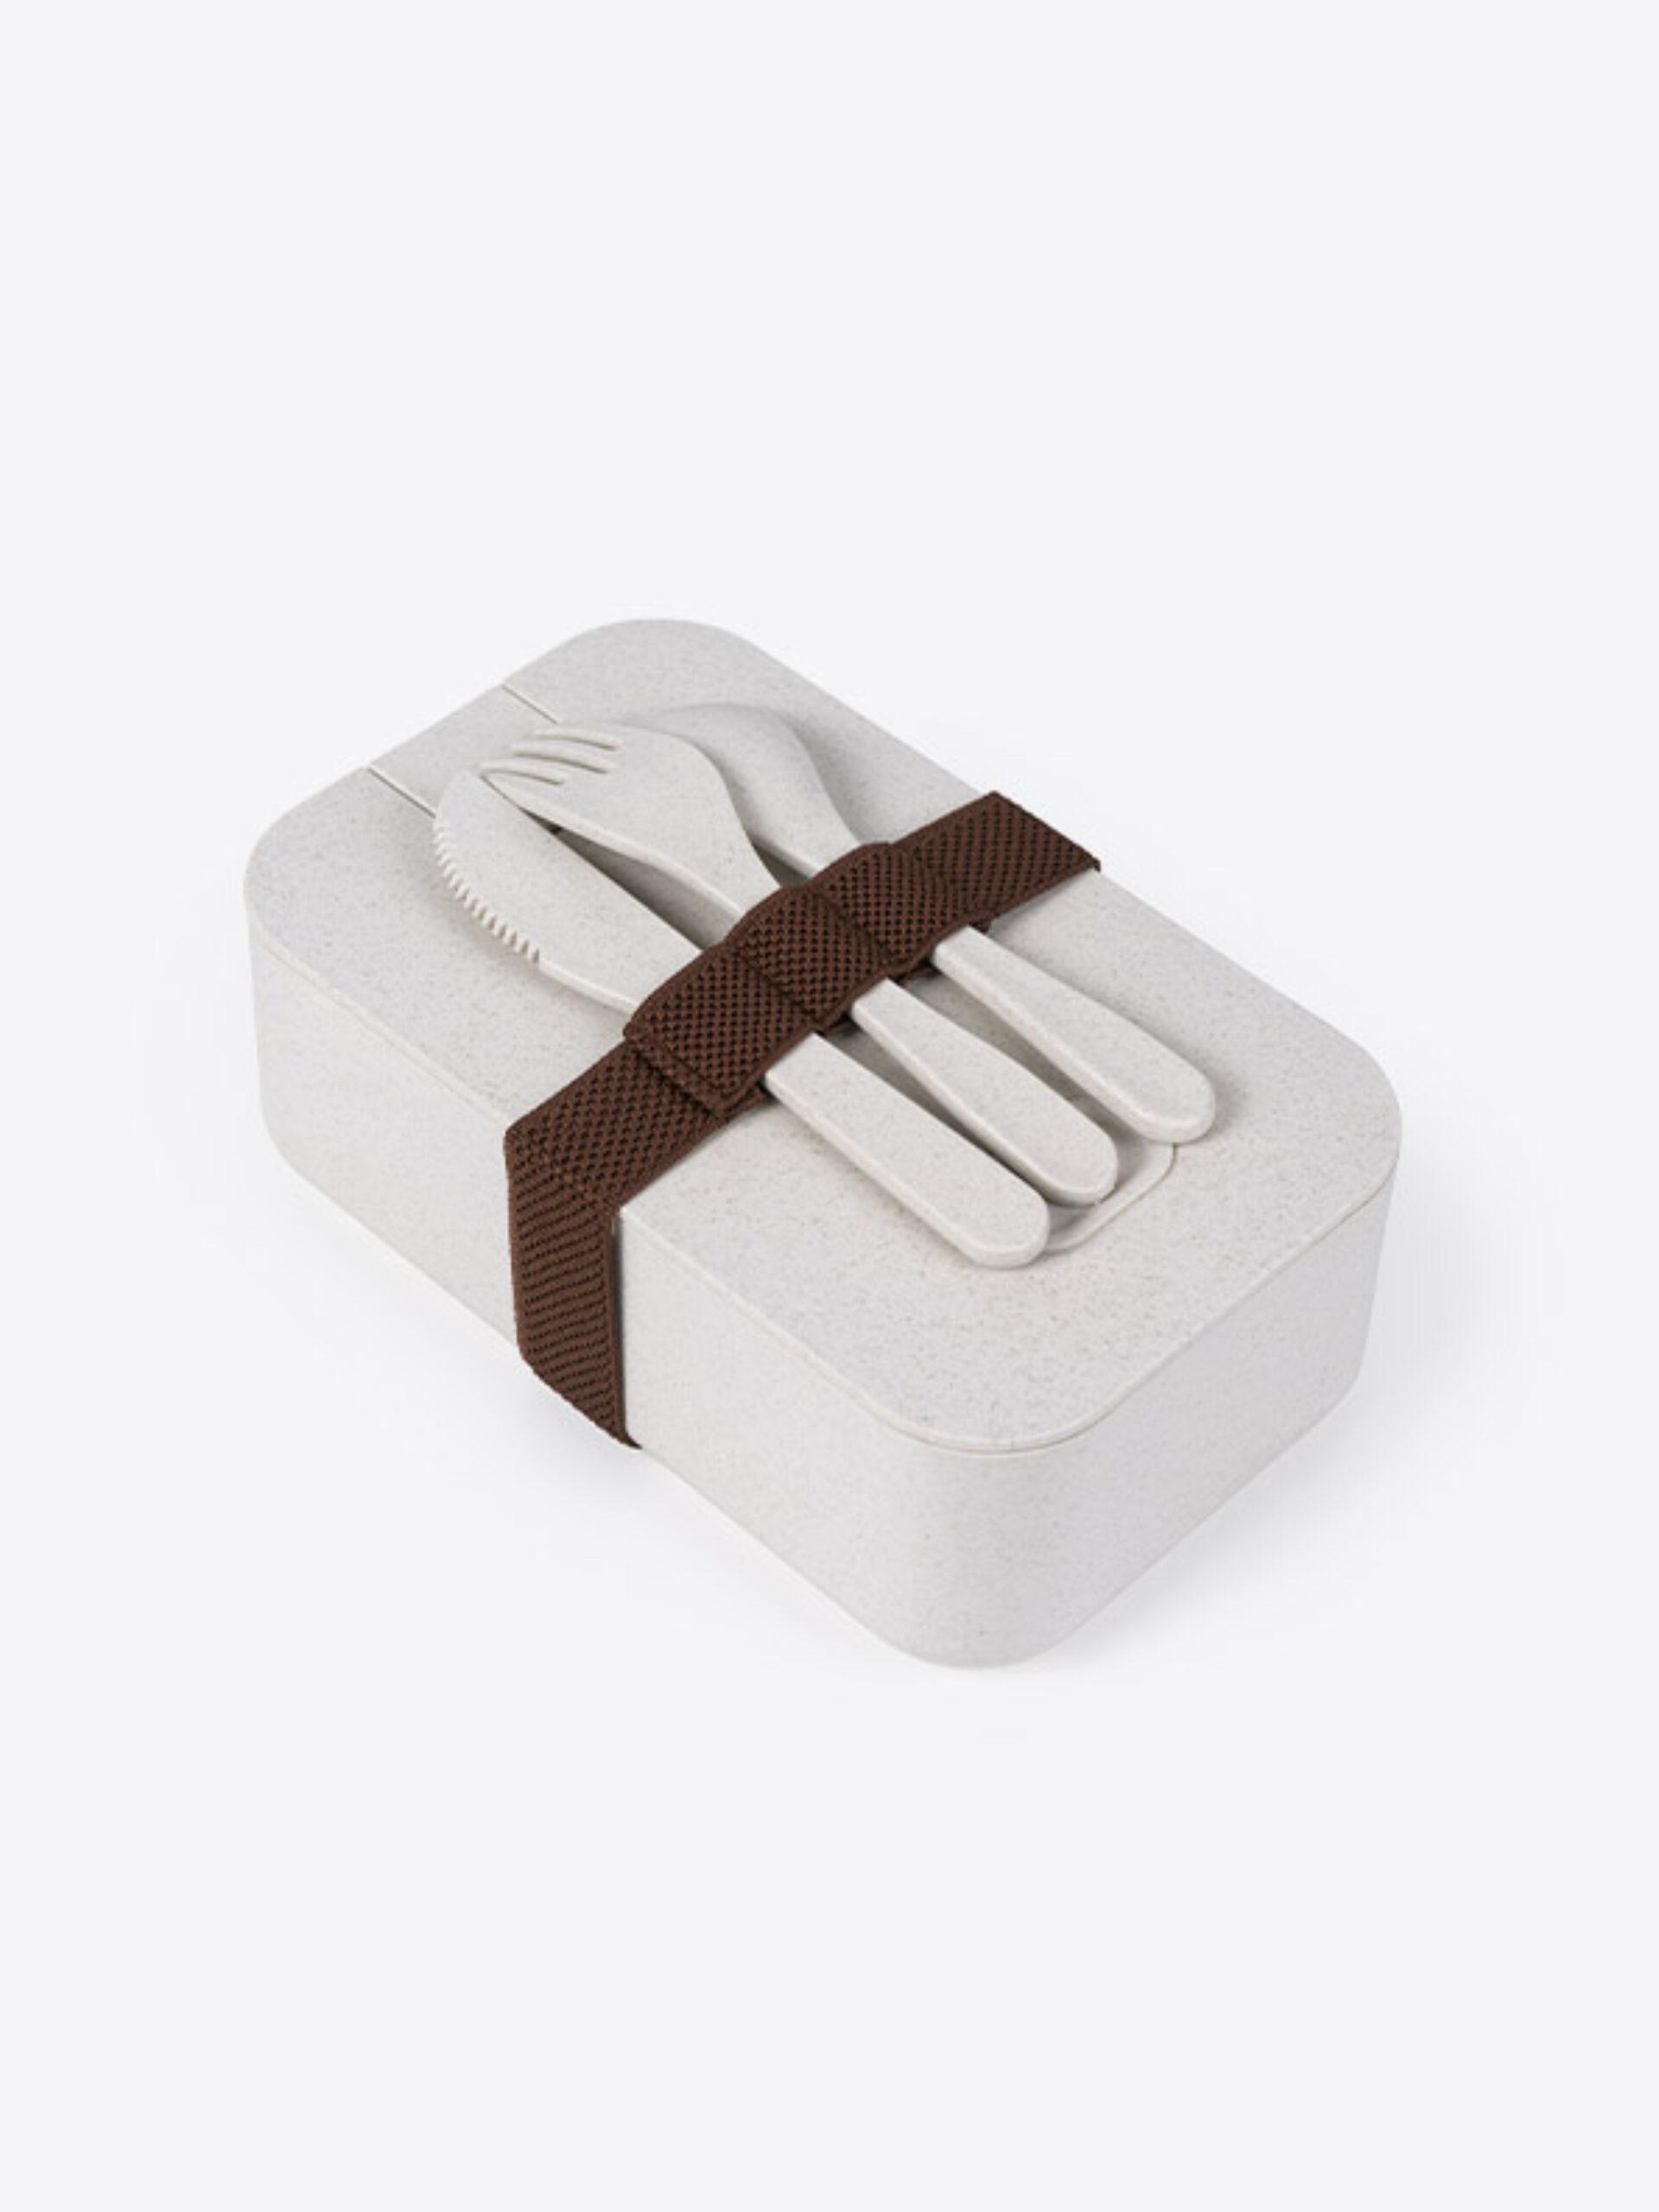 Lunch Box Eco Plus Mit Logo Bedrucken 3 Oben Mit Besteck